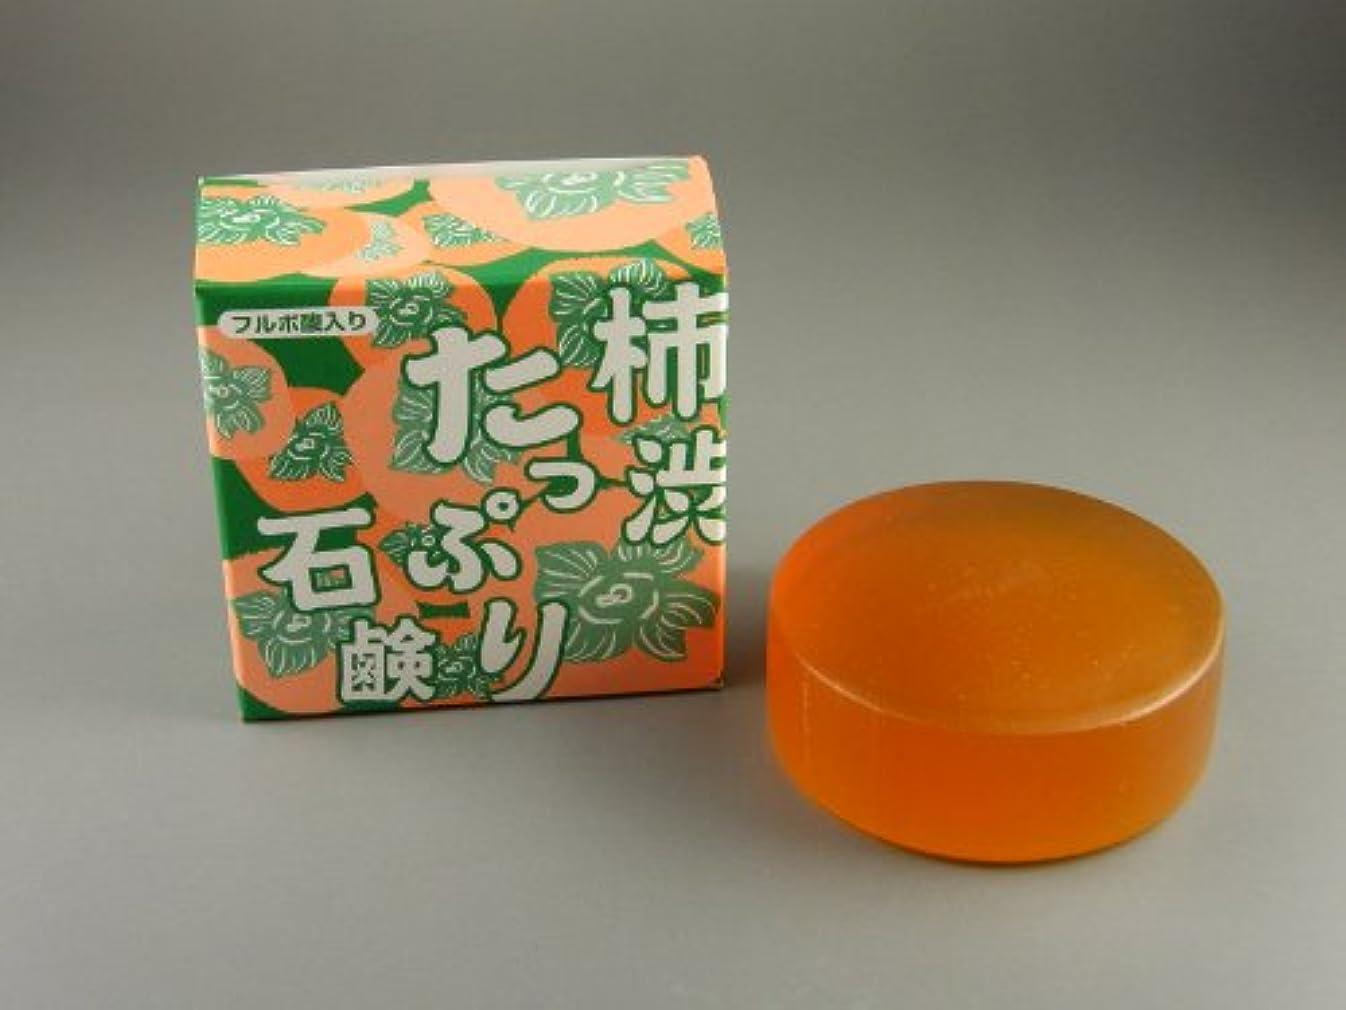 利点スキニー温帯柿渋たっぷり石鹸 100g(フルボ酸入り)